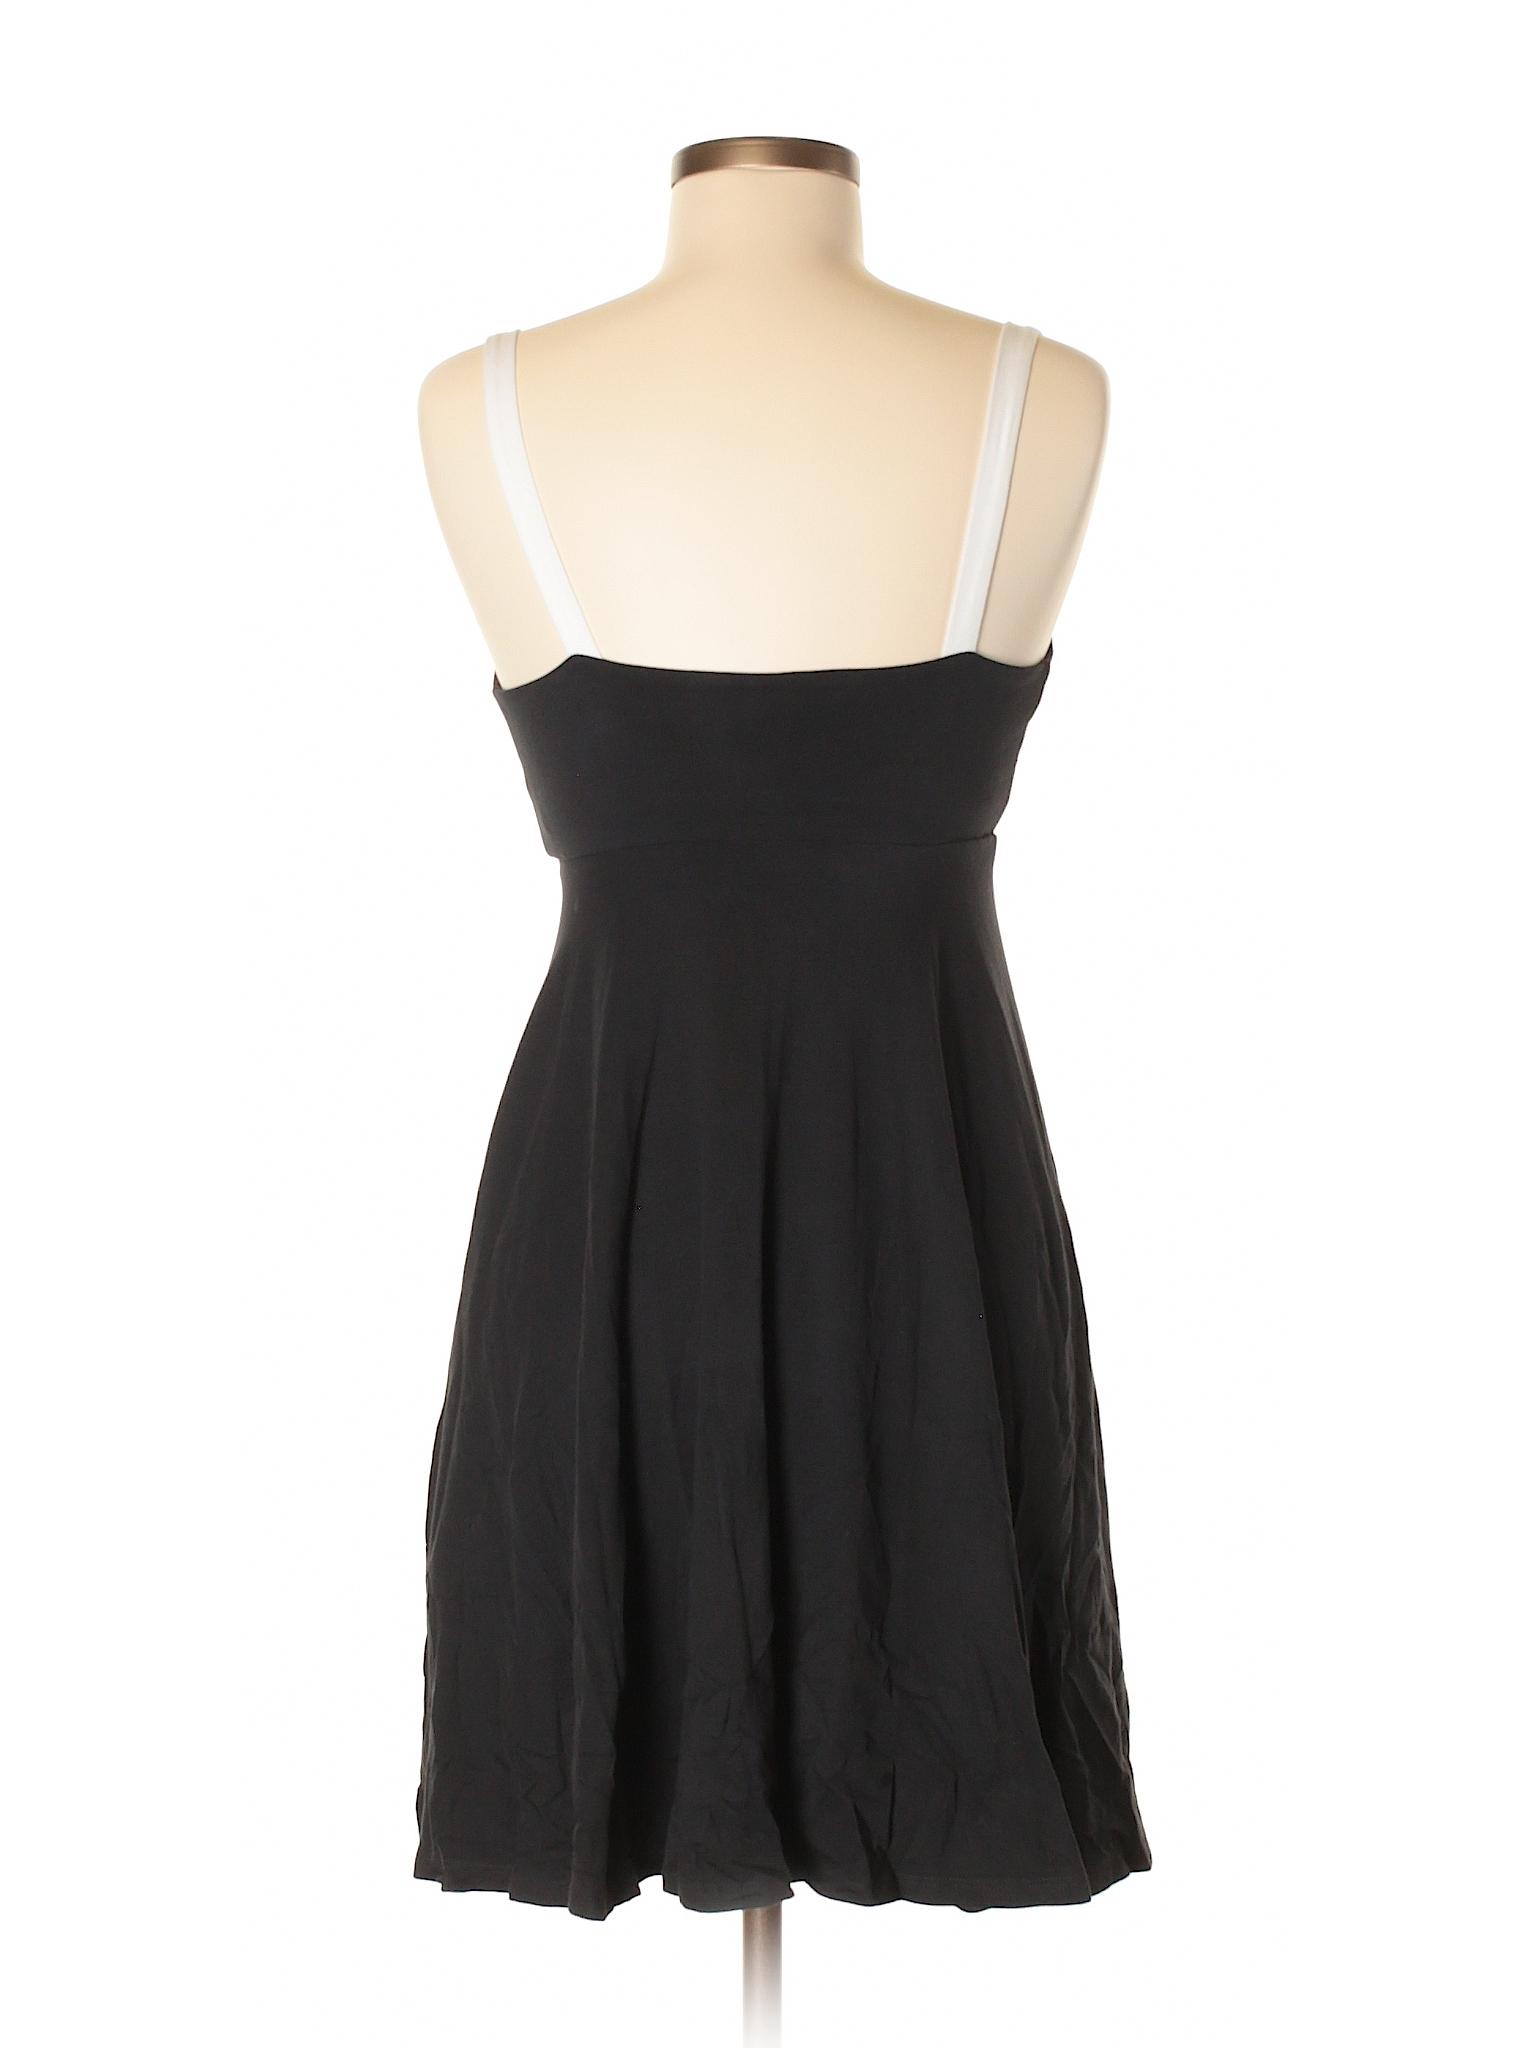 Bra Casual Dress Selling VS Tops ZqaxxT8